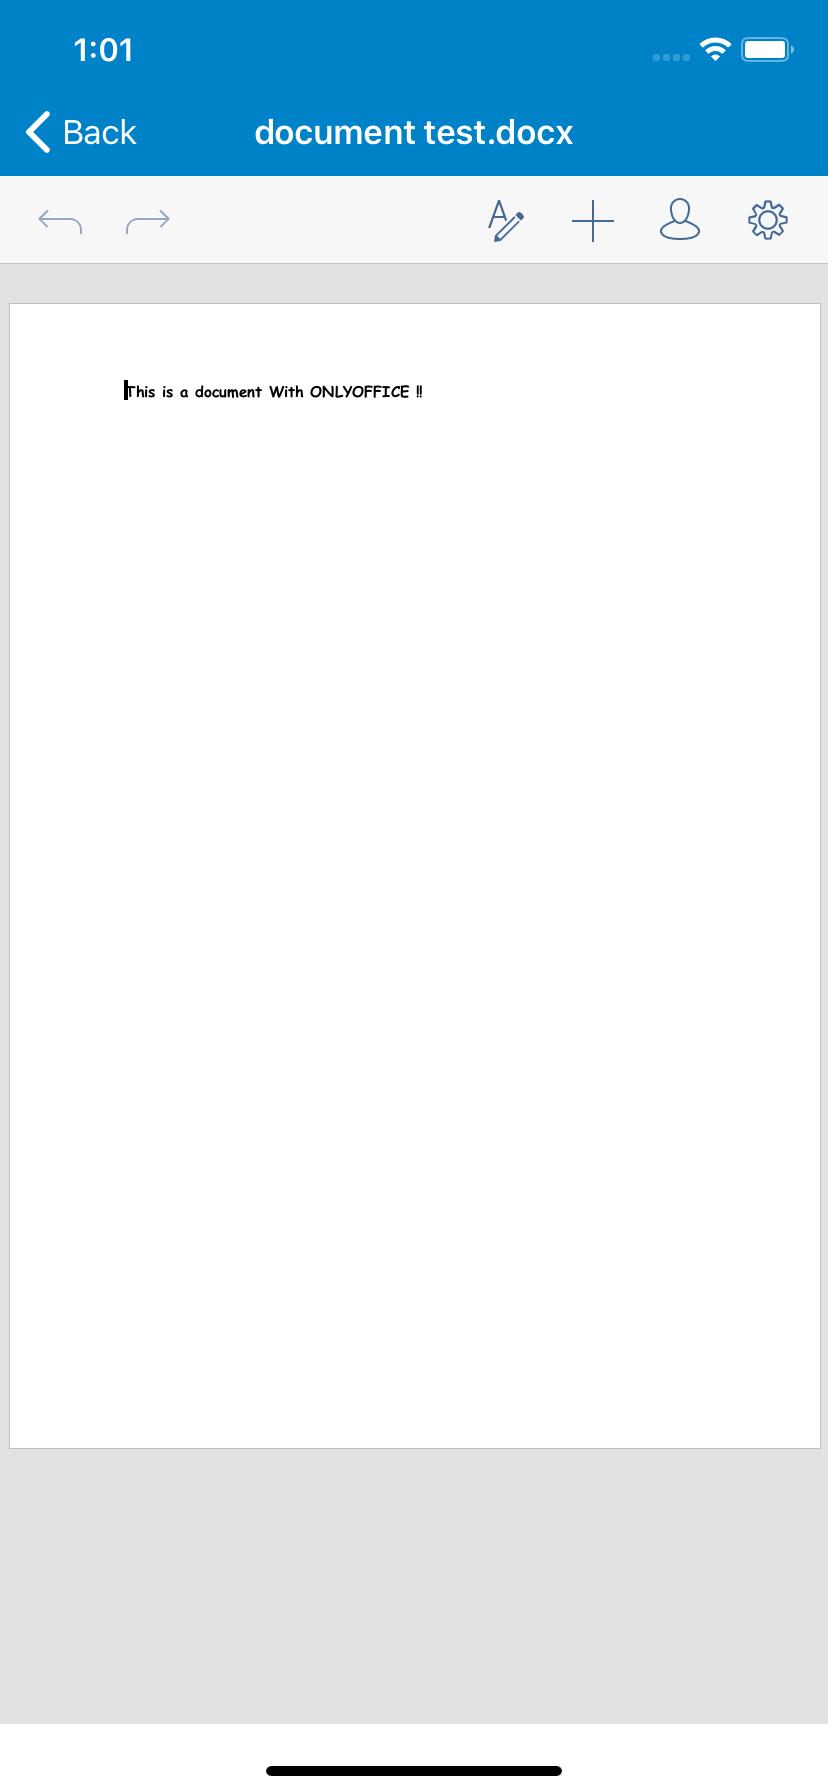 ONLYOFICE document image